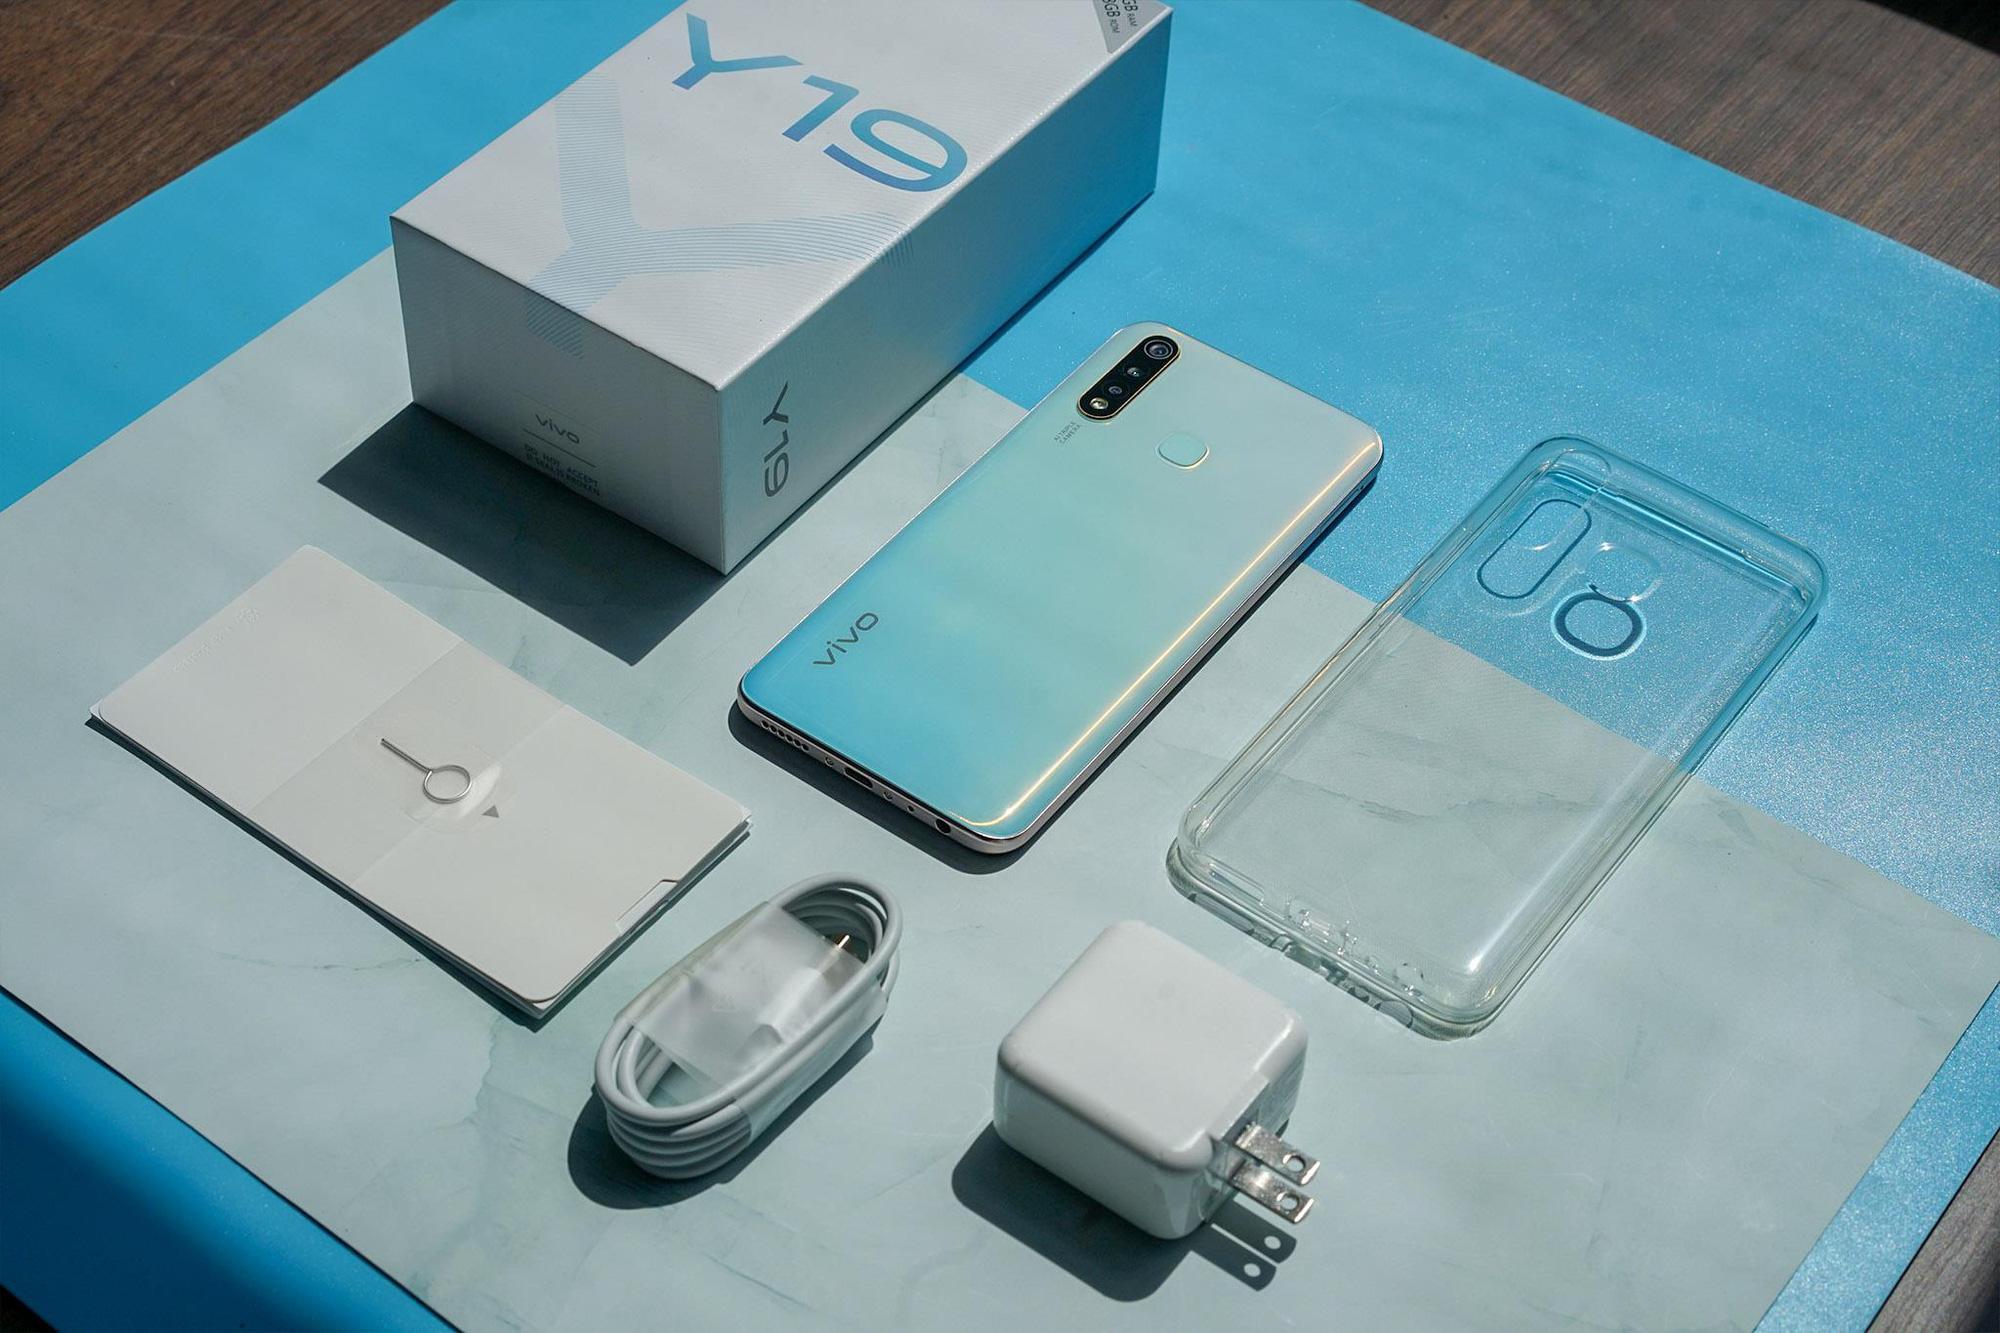 Trong tay 5 triệu đồng, vivo Y19 đích thị là chiếc điện thoại phù hợp dành cho bạn - Ảnh 1.